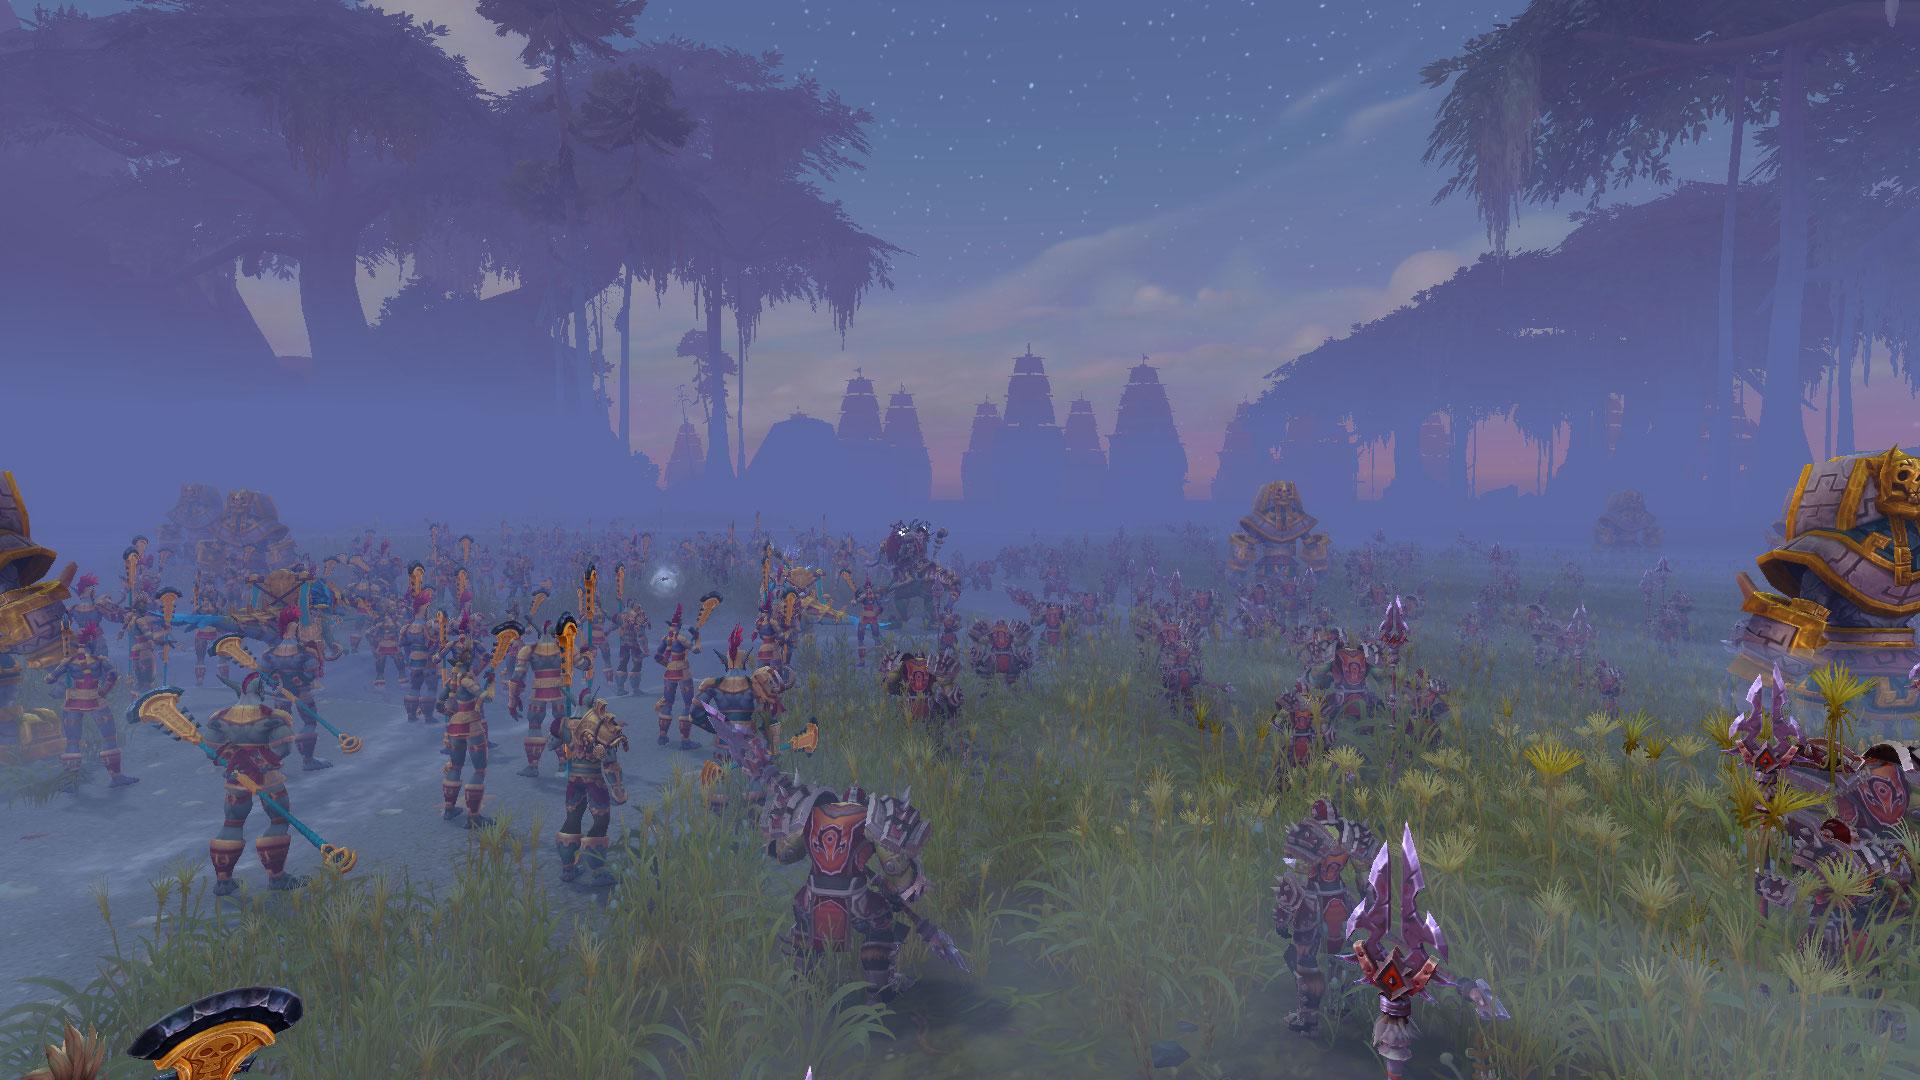 L'armée zandalari et la Horde se préparent à affronter la flotte de Kul Tiras